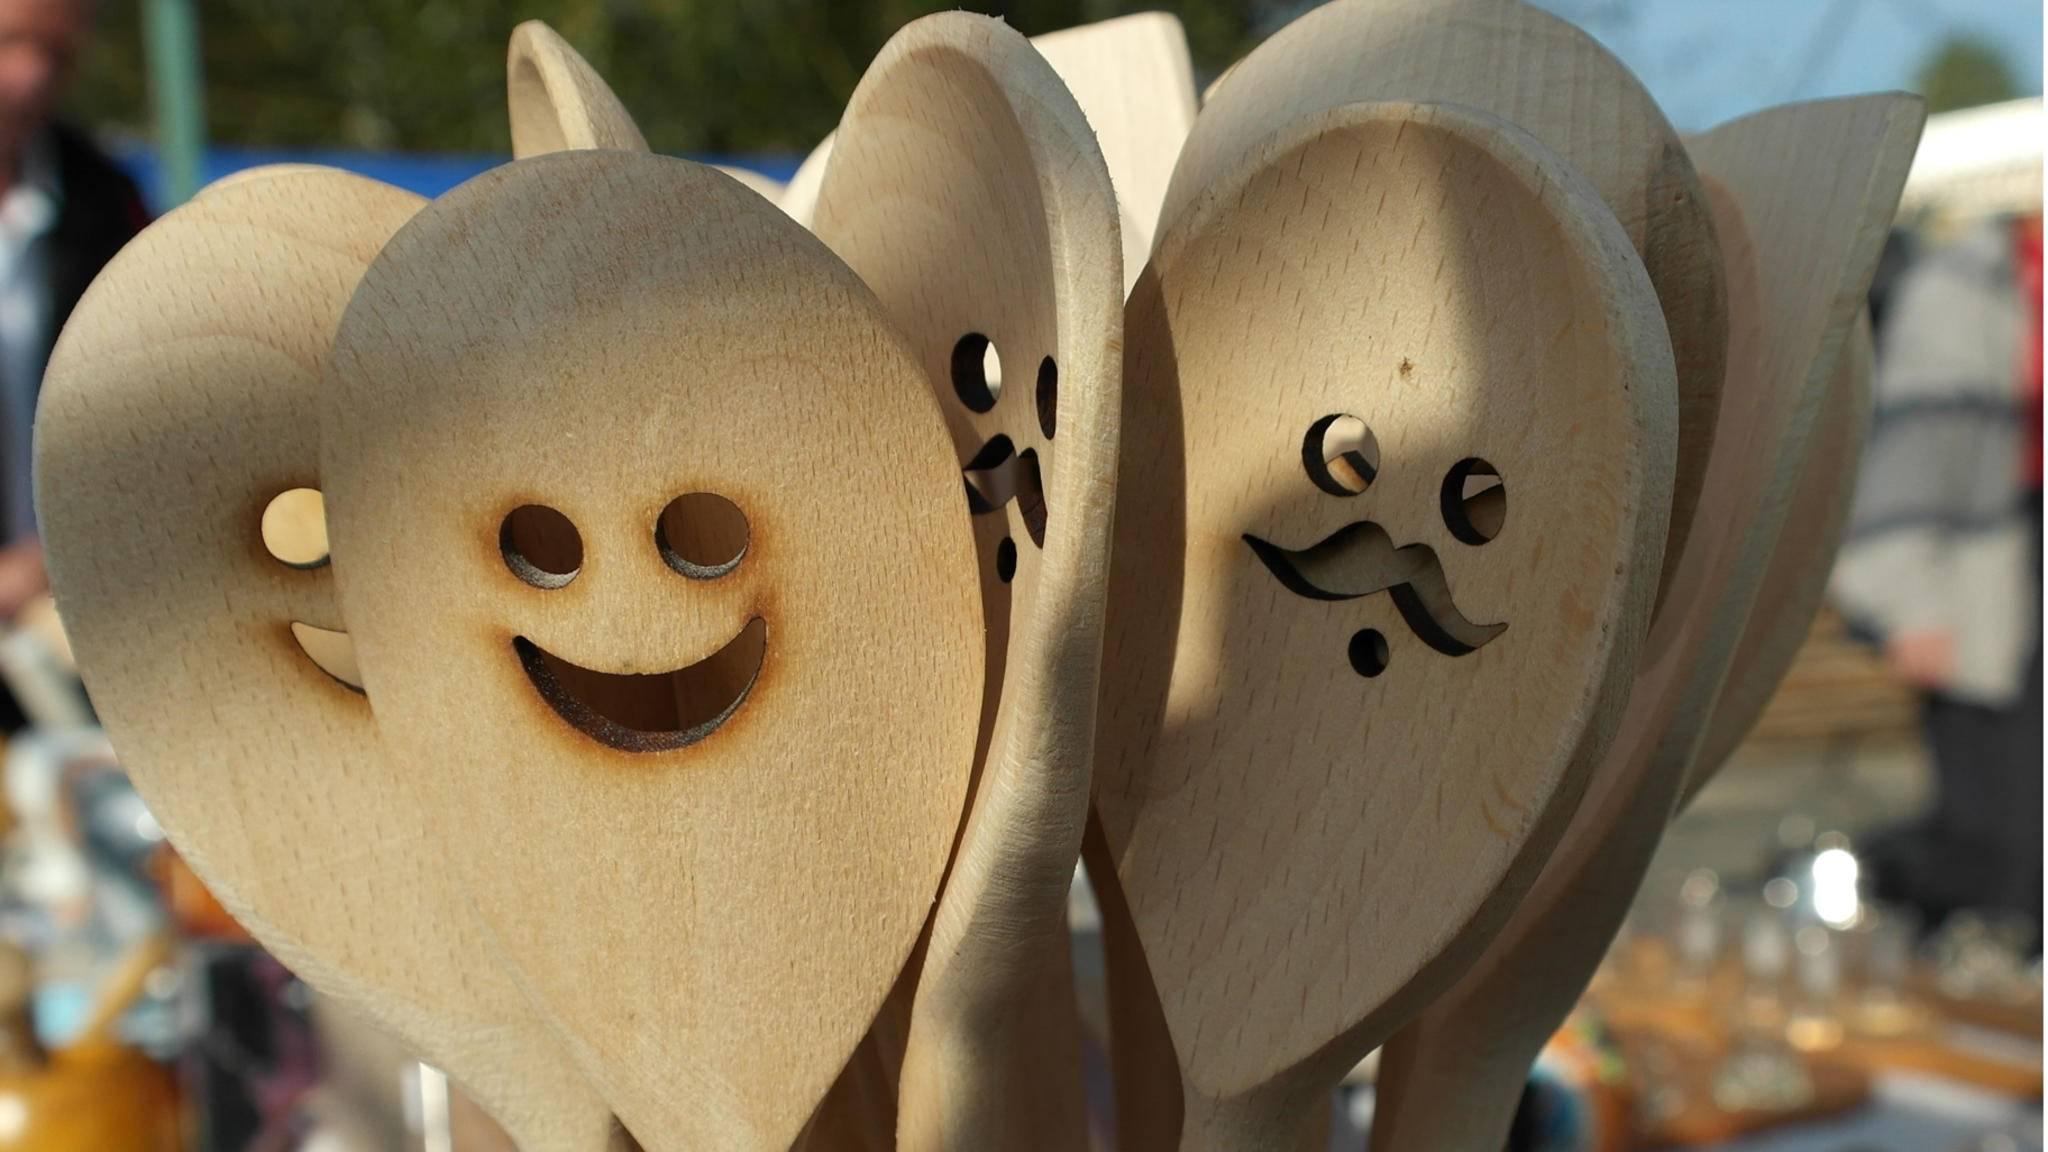 Holzlöffel machen glücklicher als Plastikbesteck.